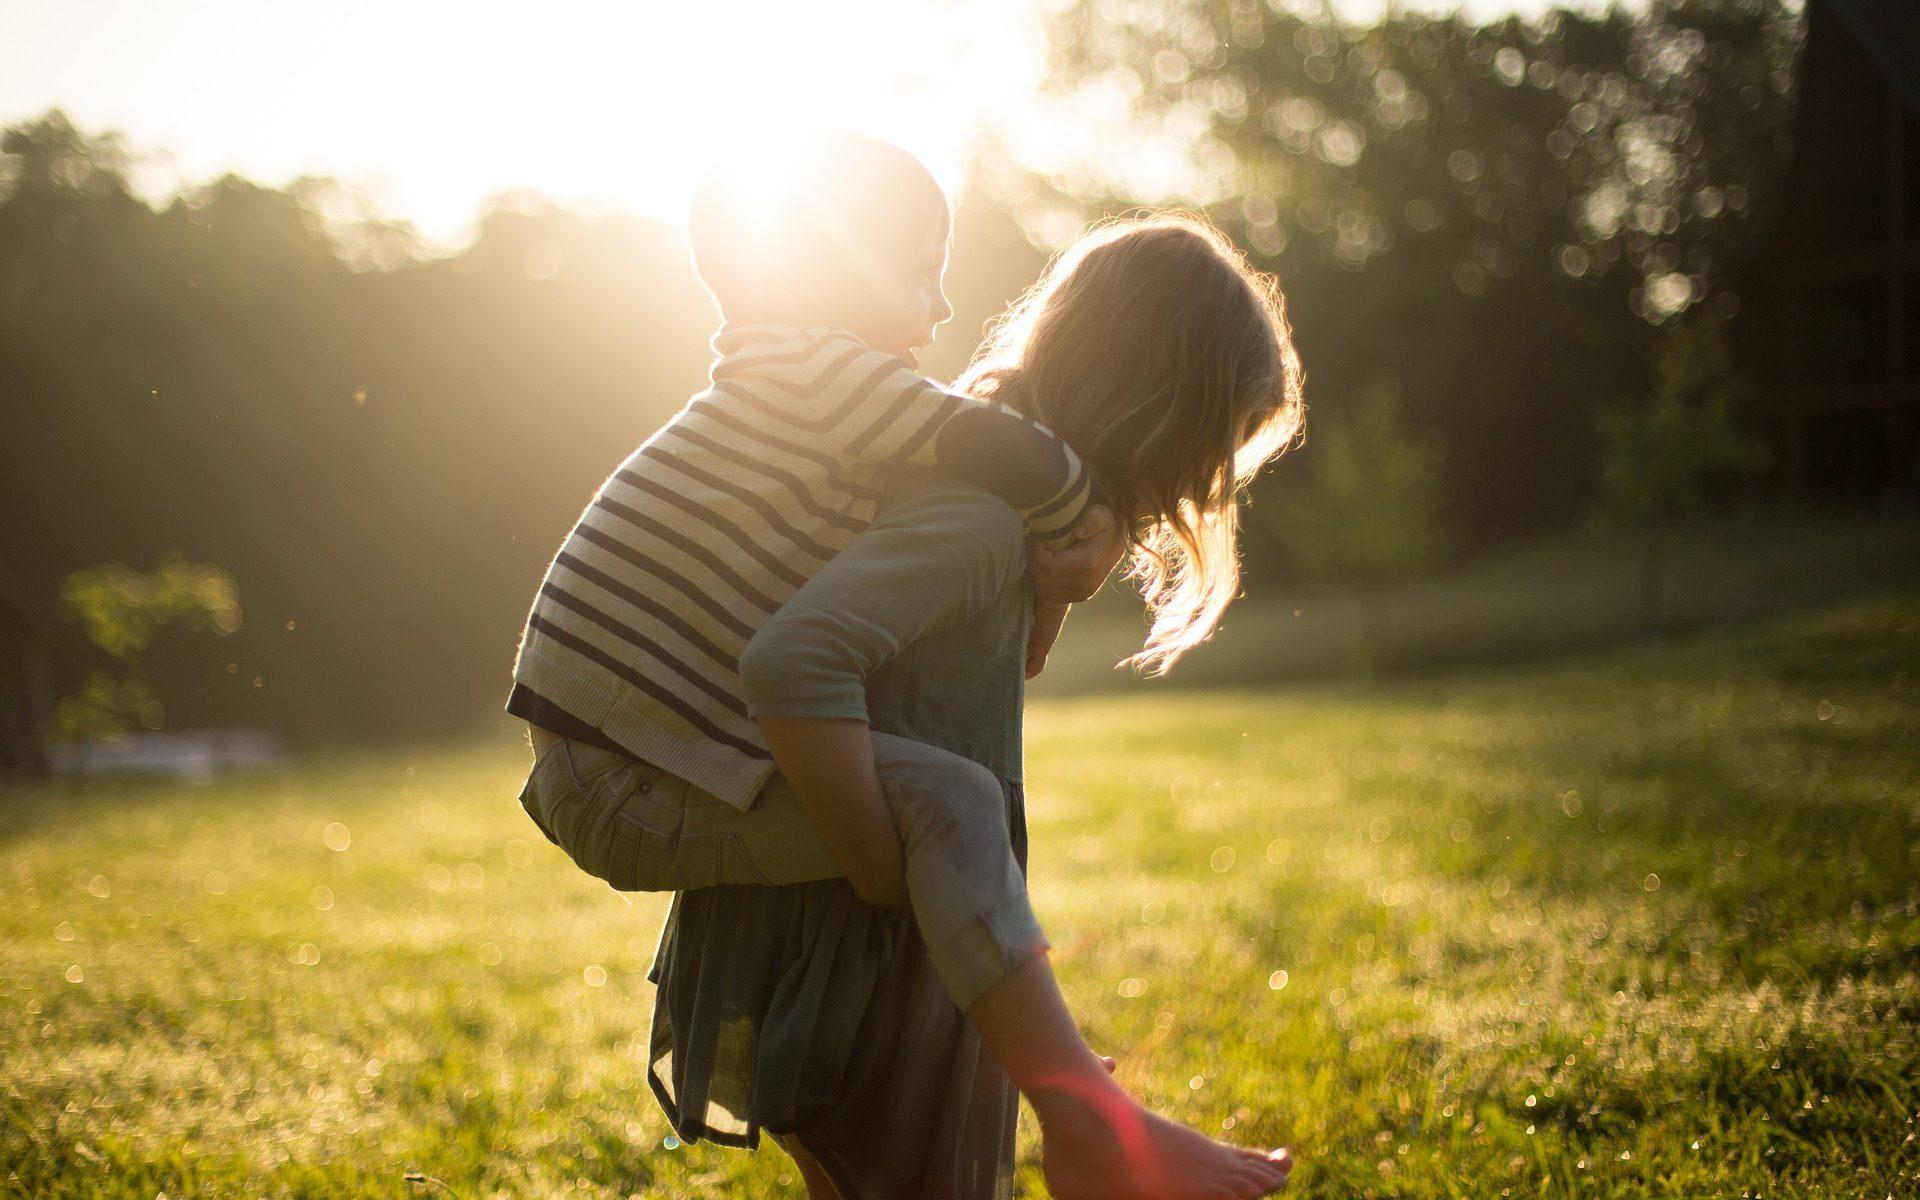 Modellversuch für eine Kinderbetreuung mit flexiblen Betreuungszeiten und am Wochenende